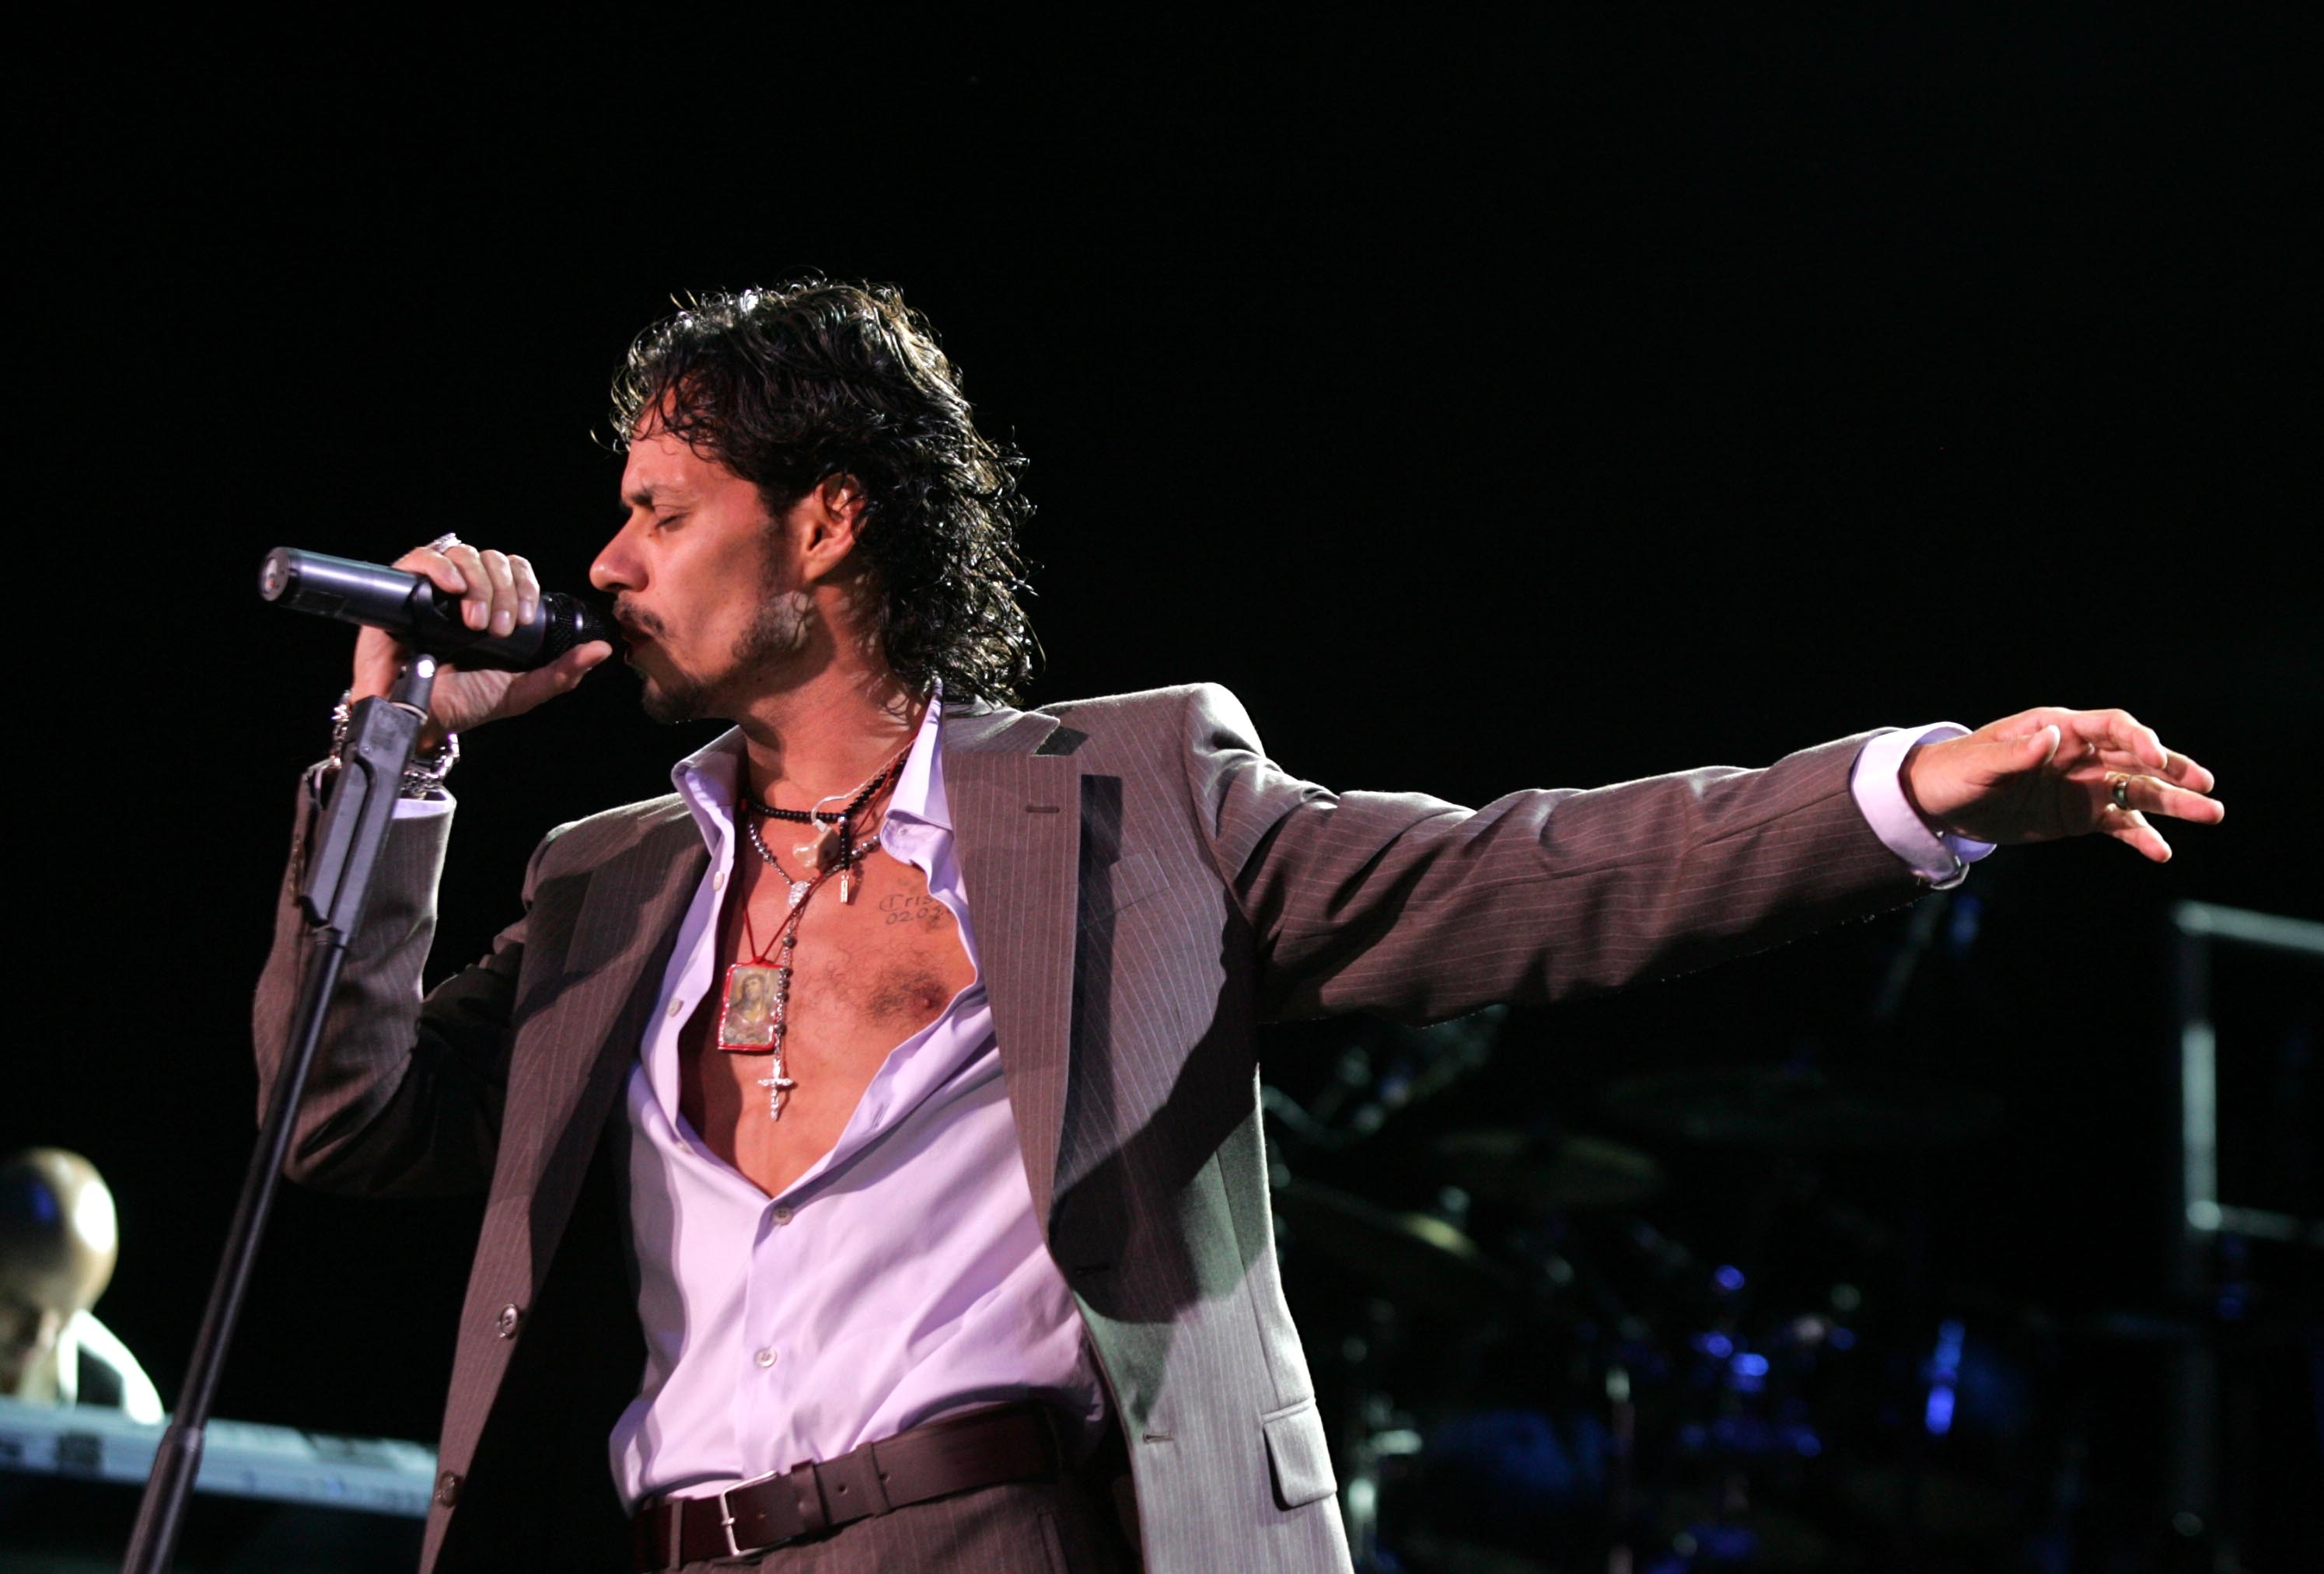 'Juntos en Concierto' Chayanne, Marc Anthony and Alejandro Fernández